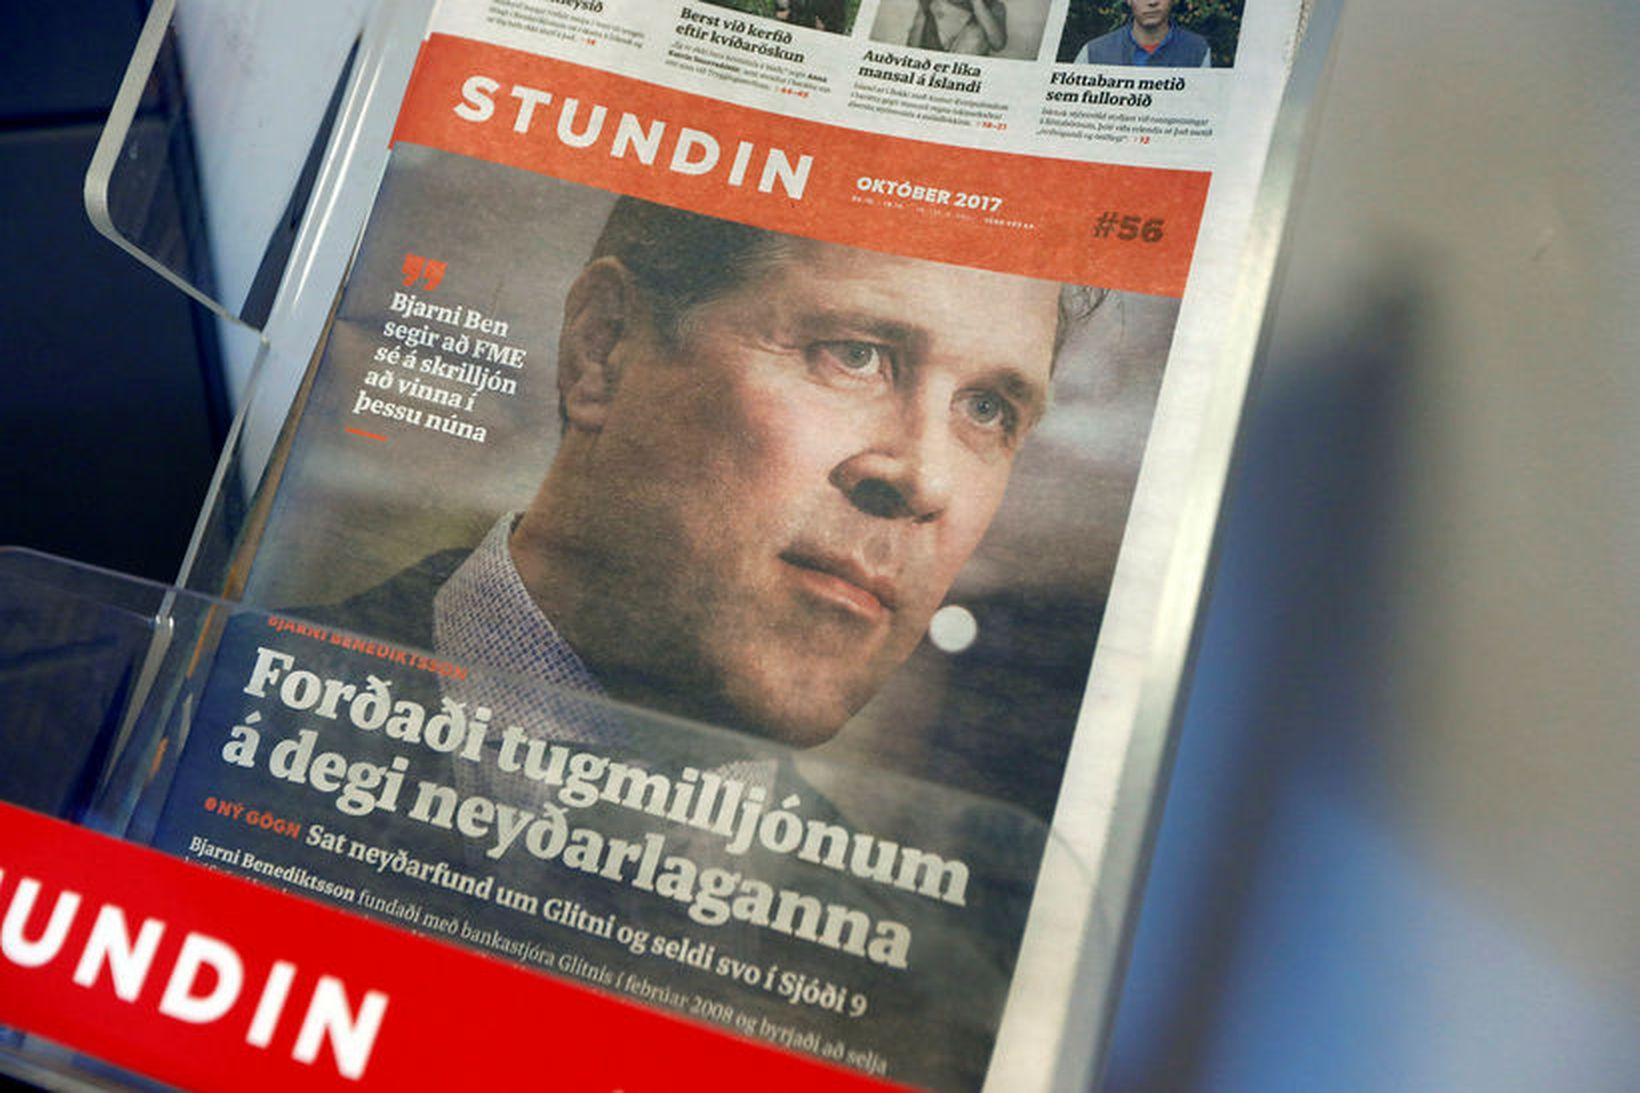 Lögbannsmál Glitnis gegn Stundinni og Reykjavík Media var tekið fyrir …